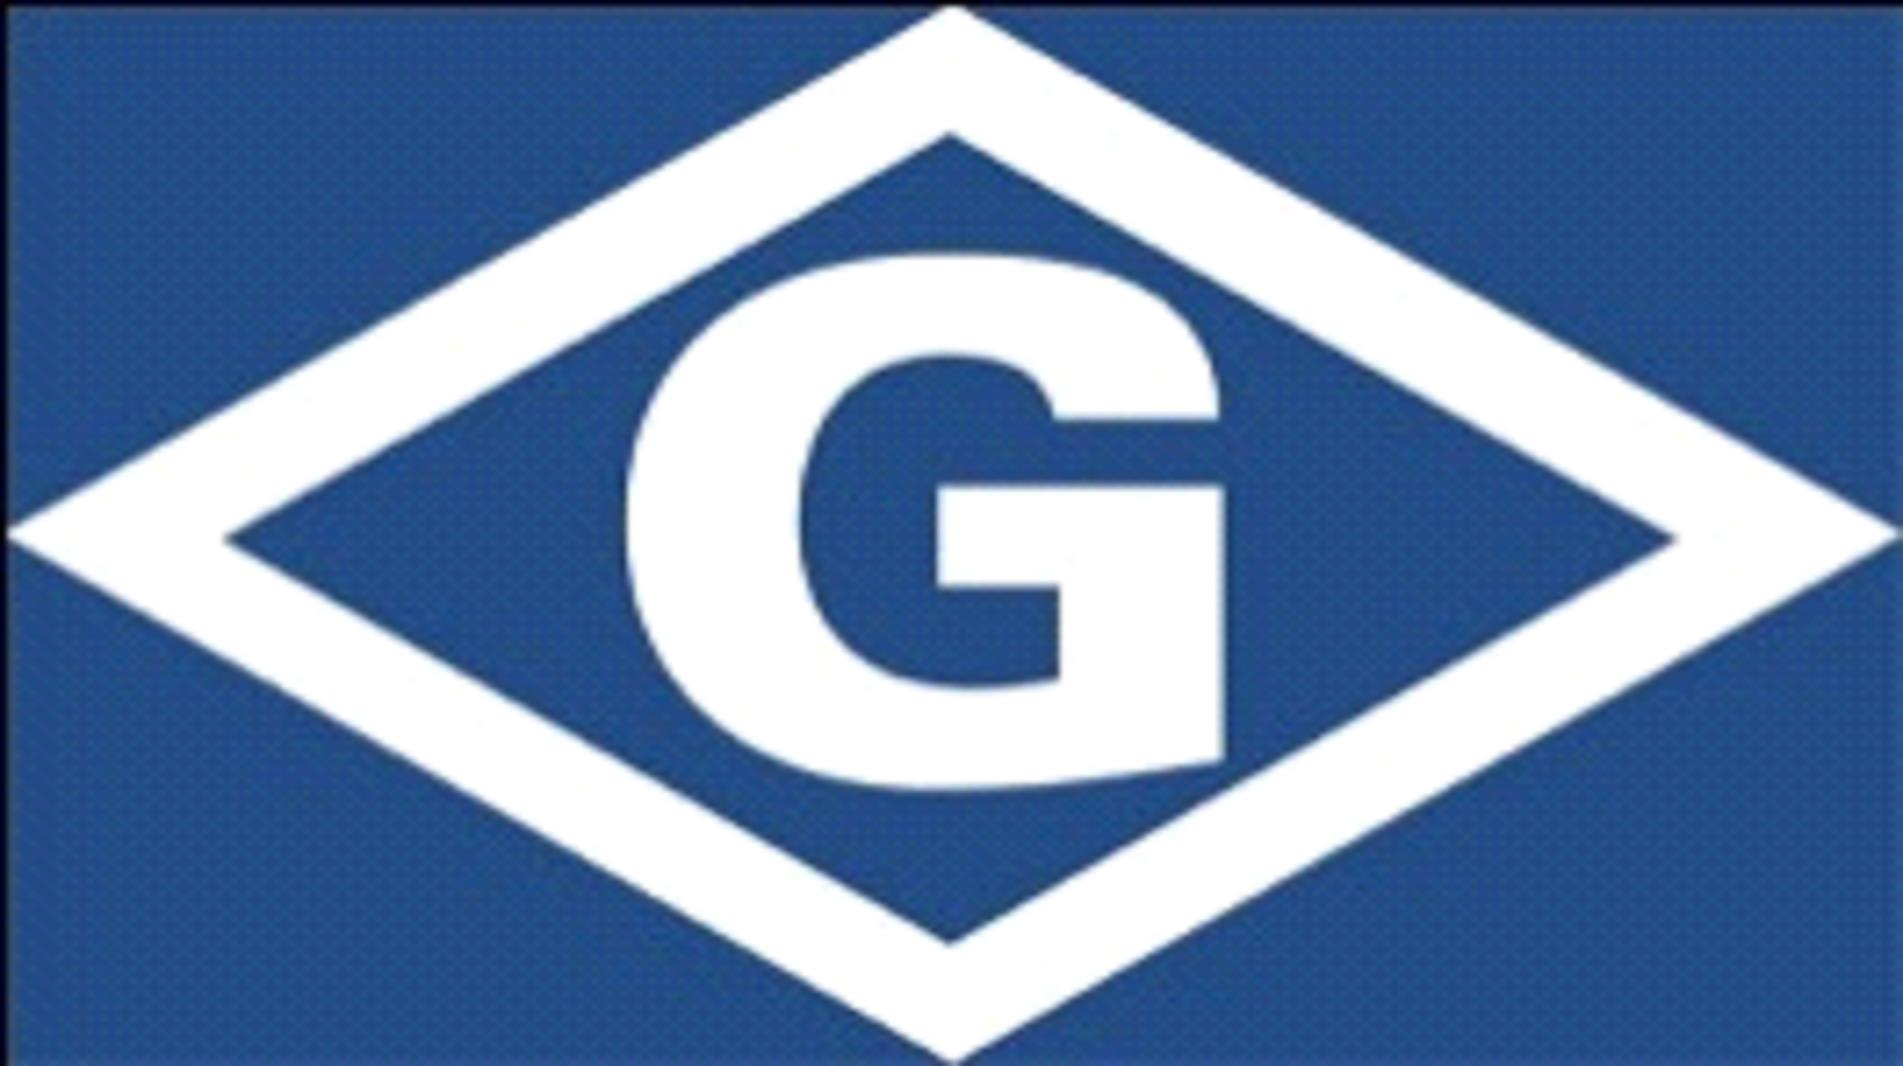 Genco Shipping & Trading Ltd. logo